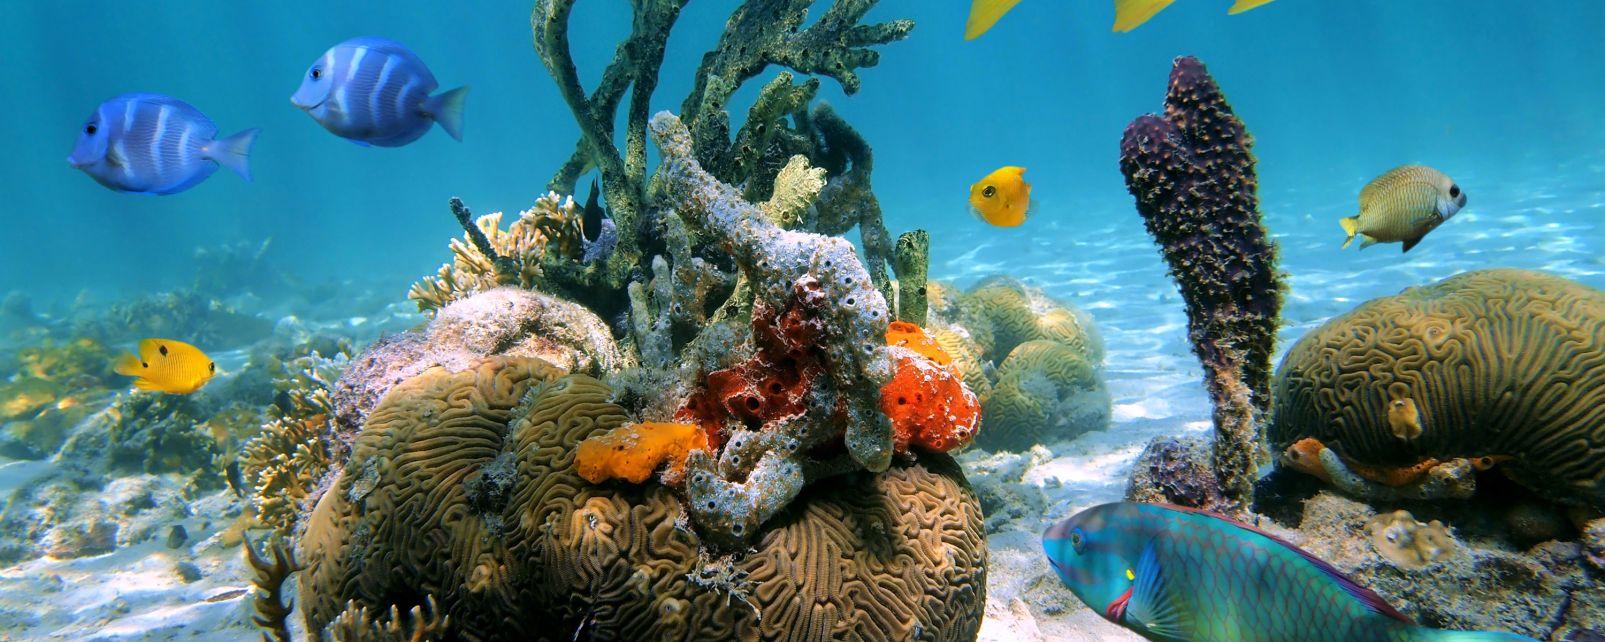 I fondali marini, Le scogliere sottomarine dell'isola di Cozumel, La fauna e la flora, Messico Yucatán